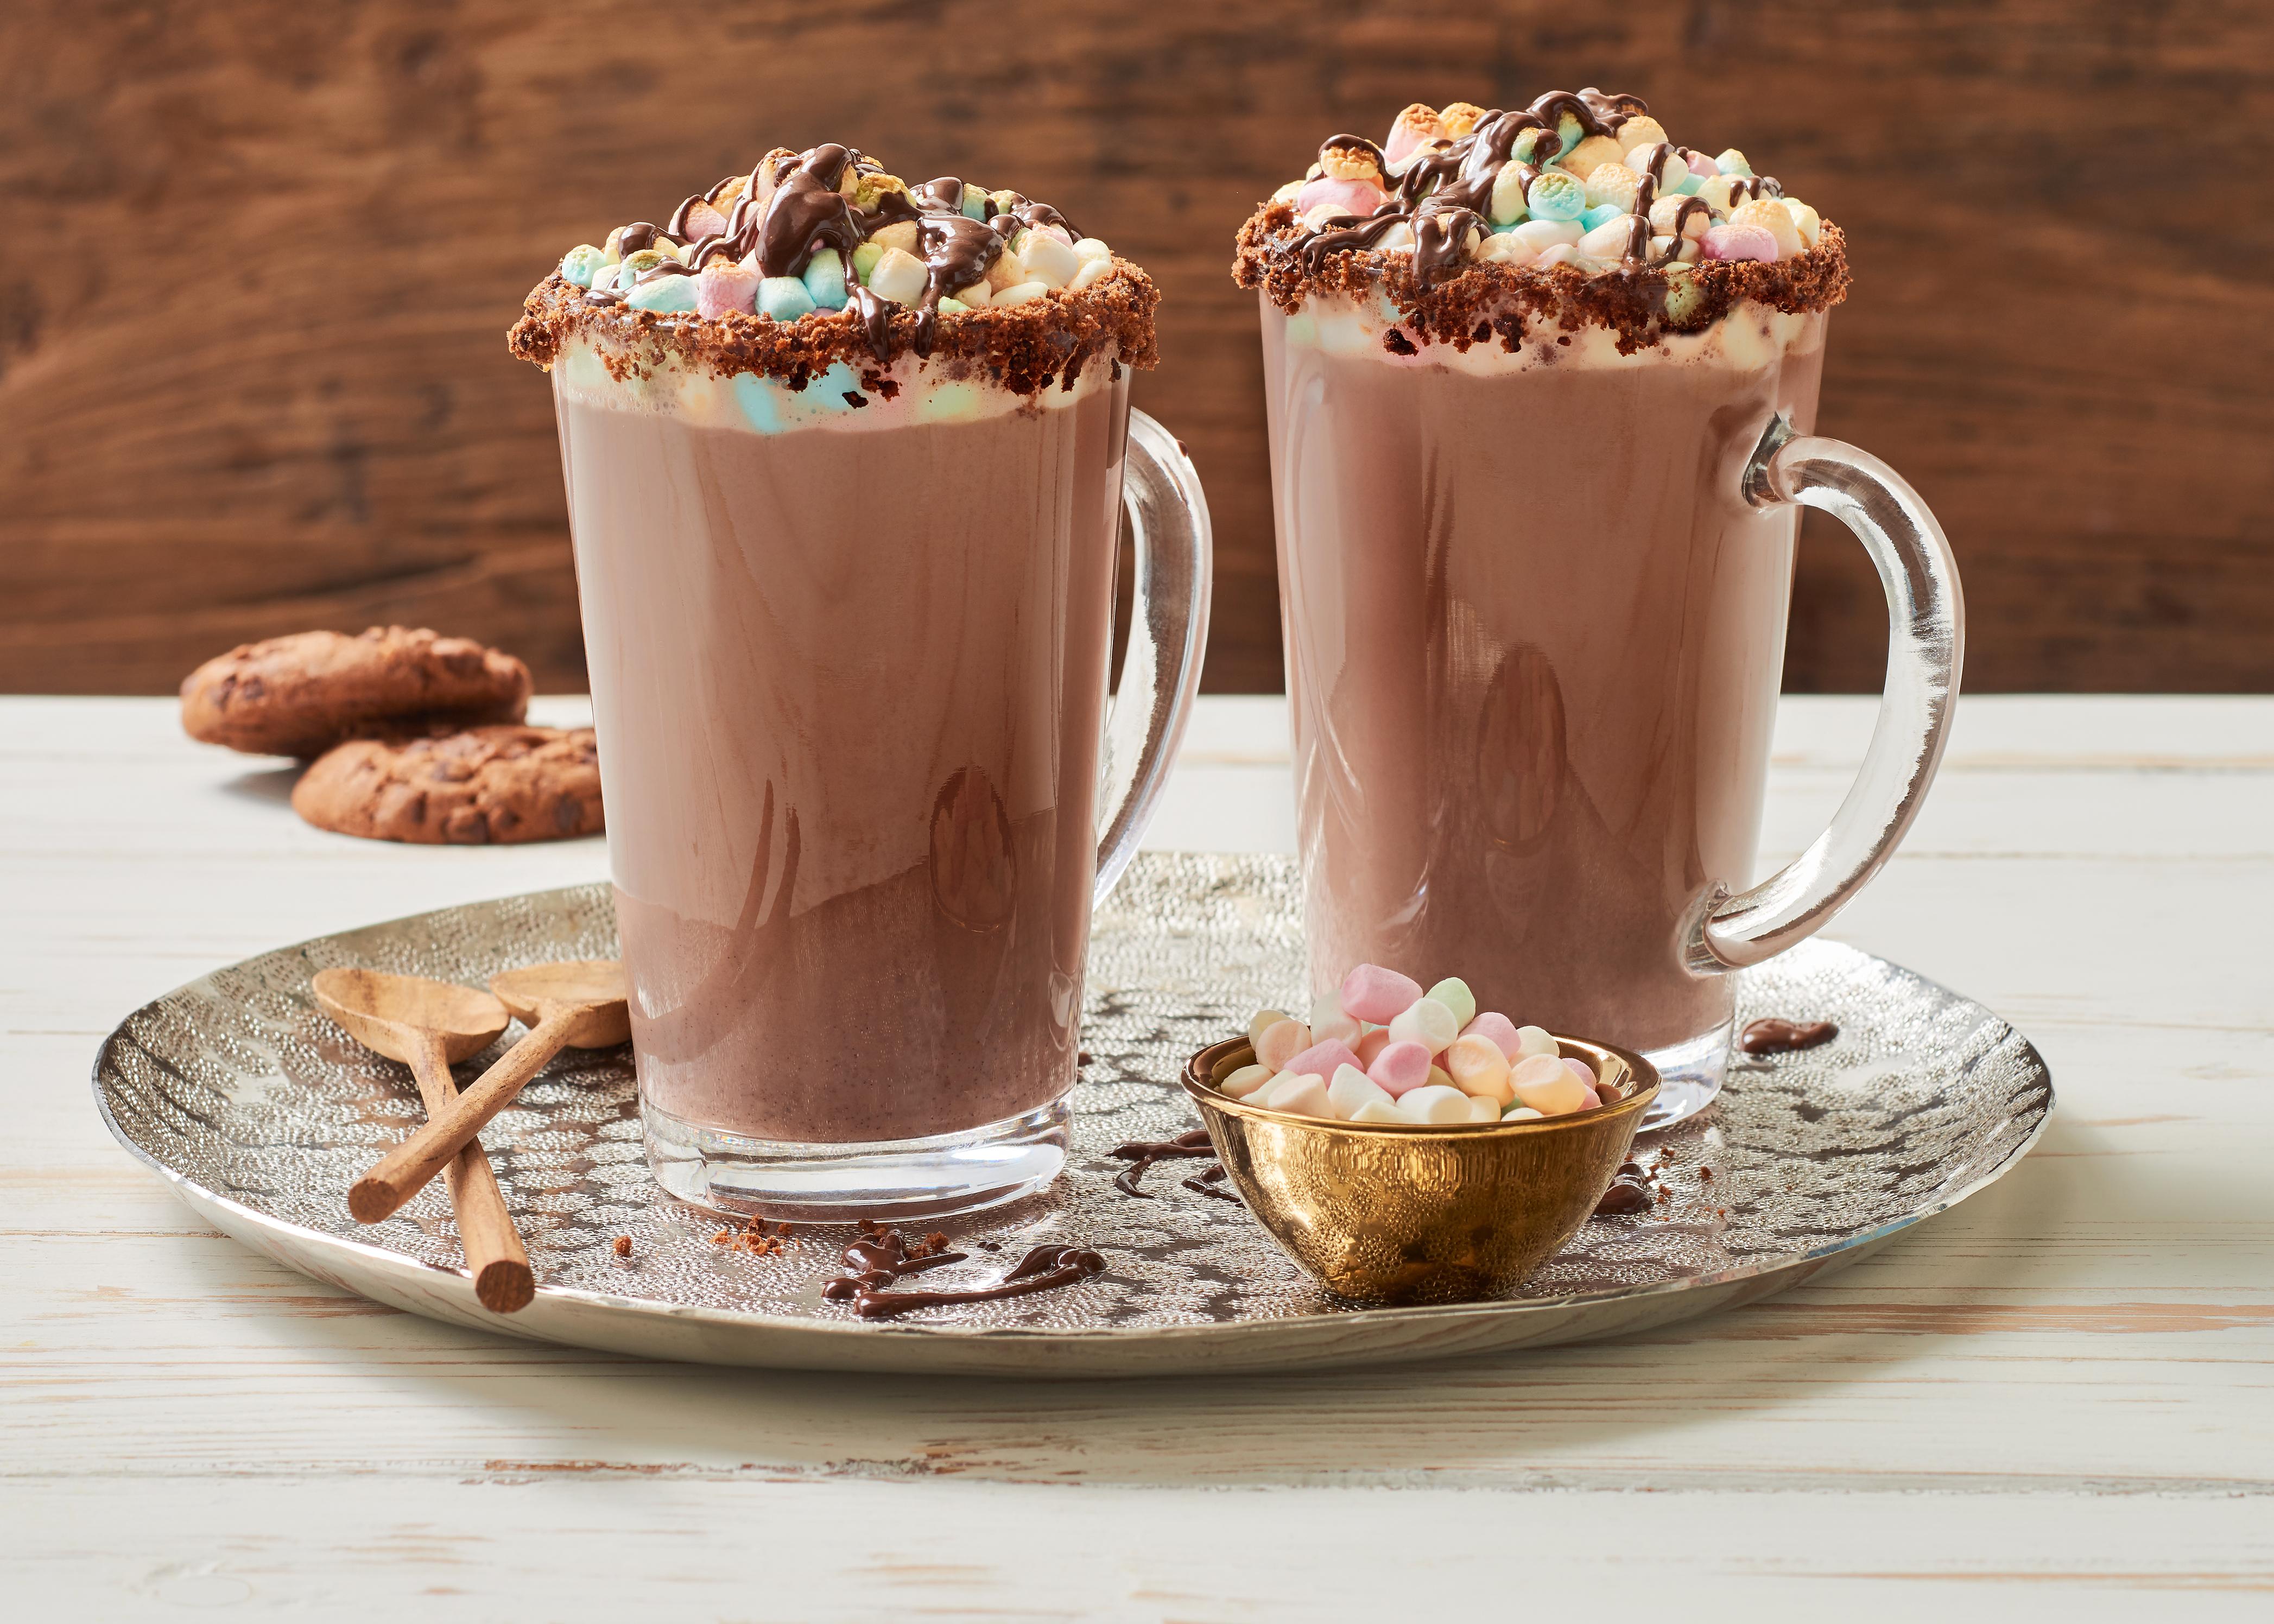 rezepte mit kakao brombeerkonfit re mit kakao rezept k cheng tter dattelkuchen mit kakao ein. Black Bedroom Furniture Sets. Home Design Ideas